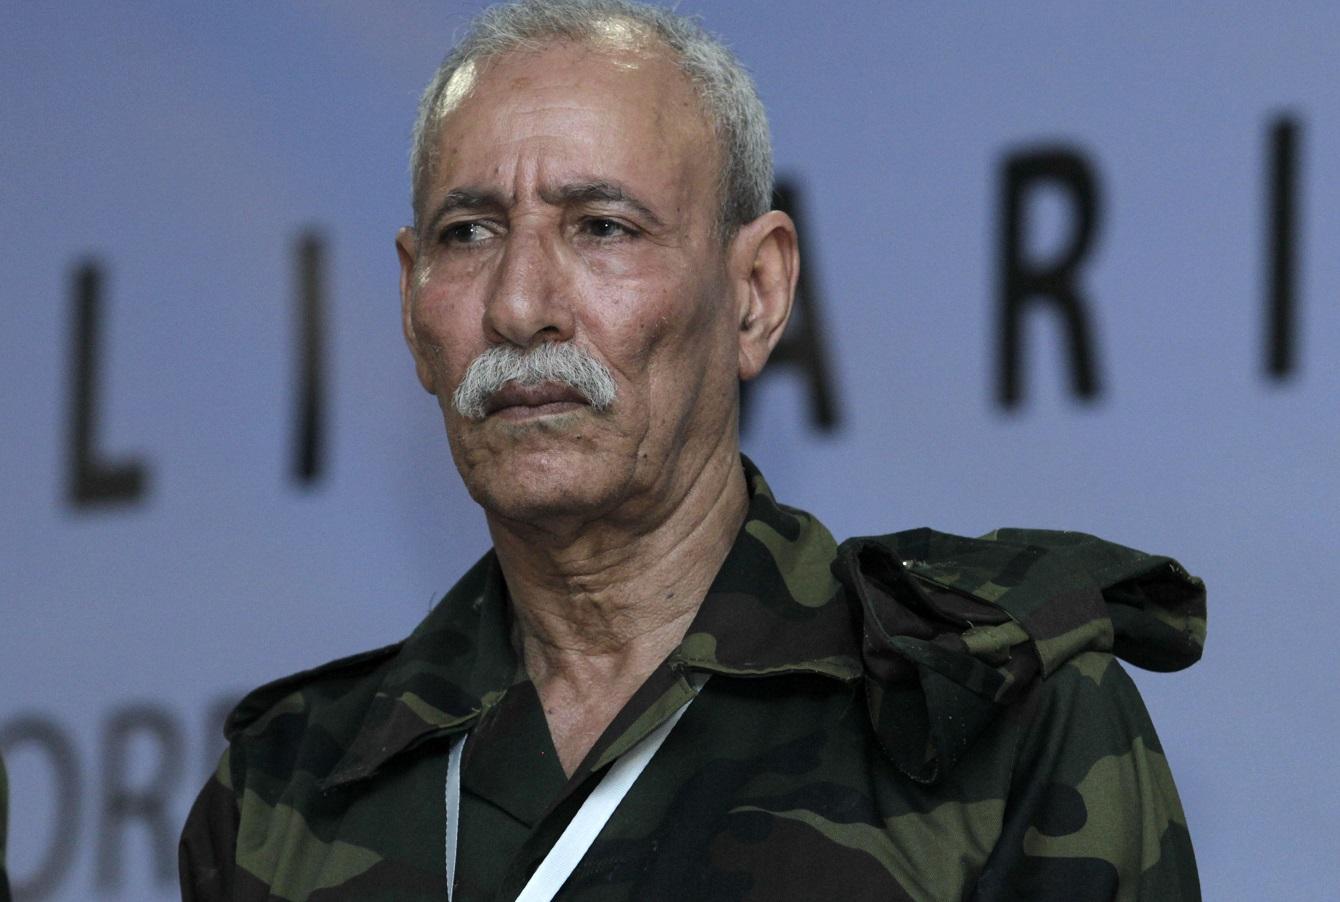 زعيم ميليشيا البوليساريو الانفصالية يعلن مواصلة العمليات المسلحة ضد المغرب